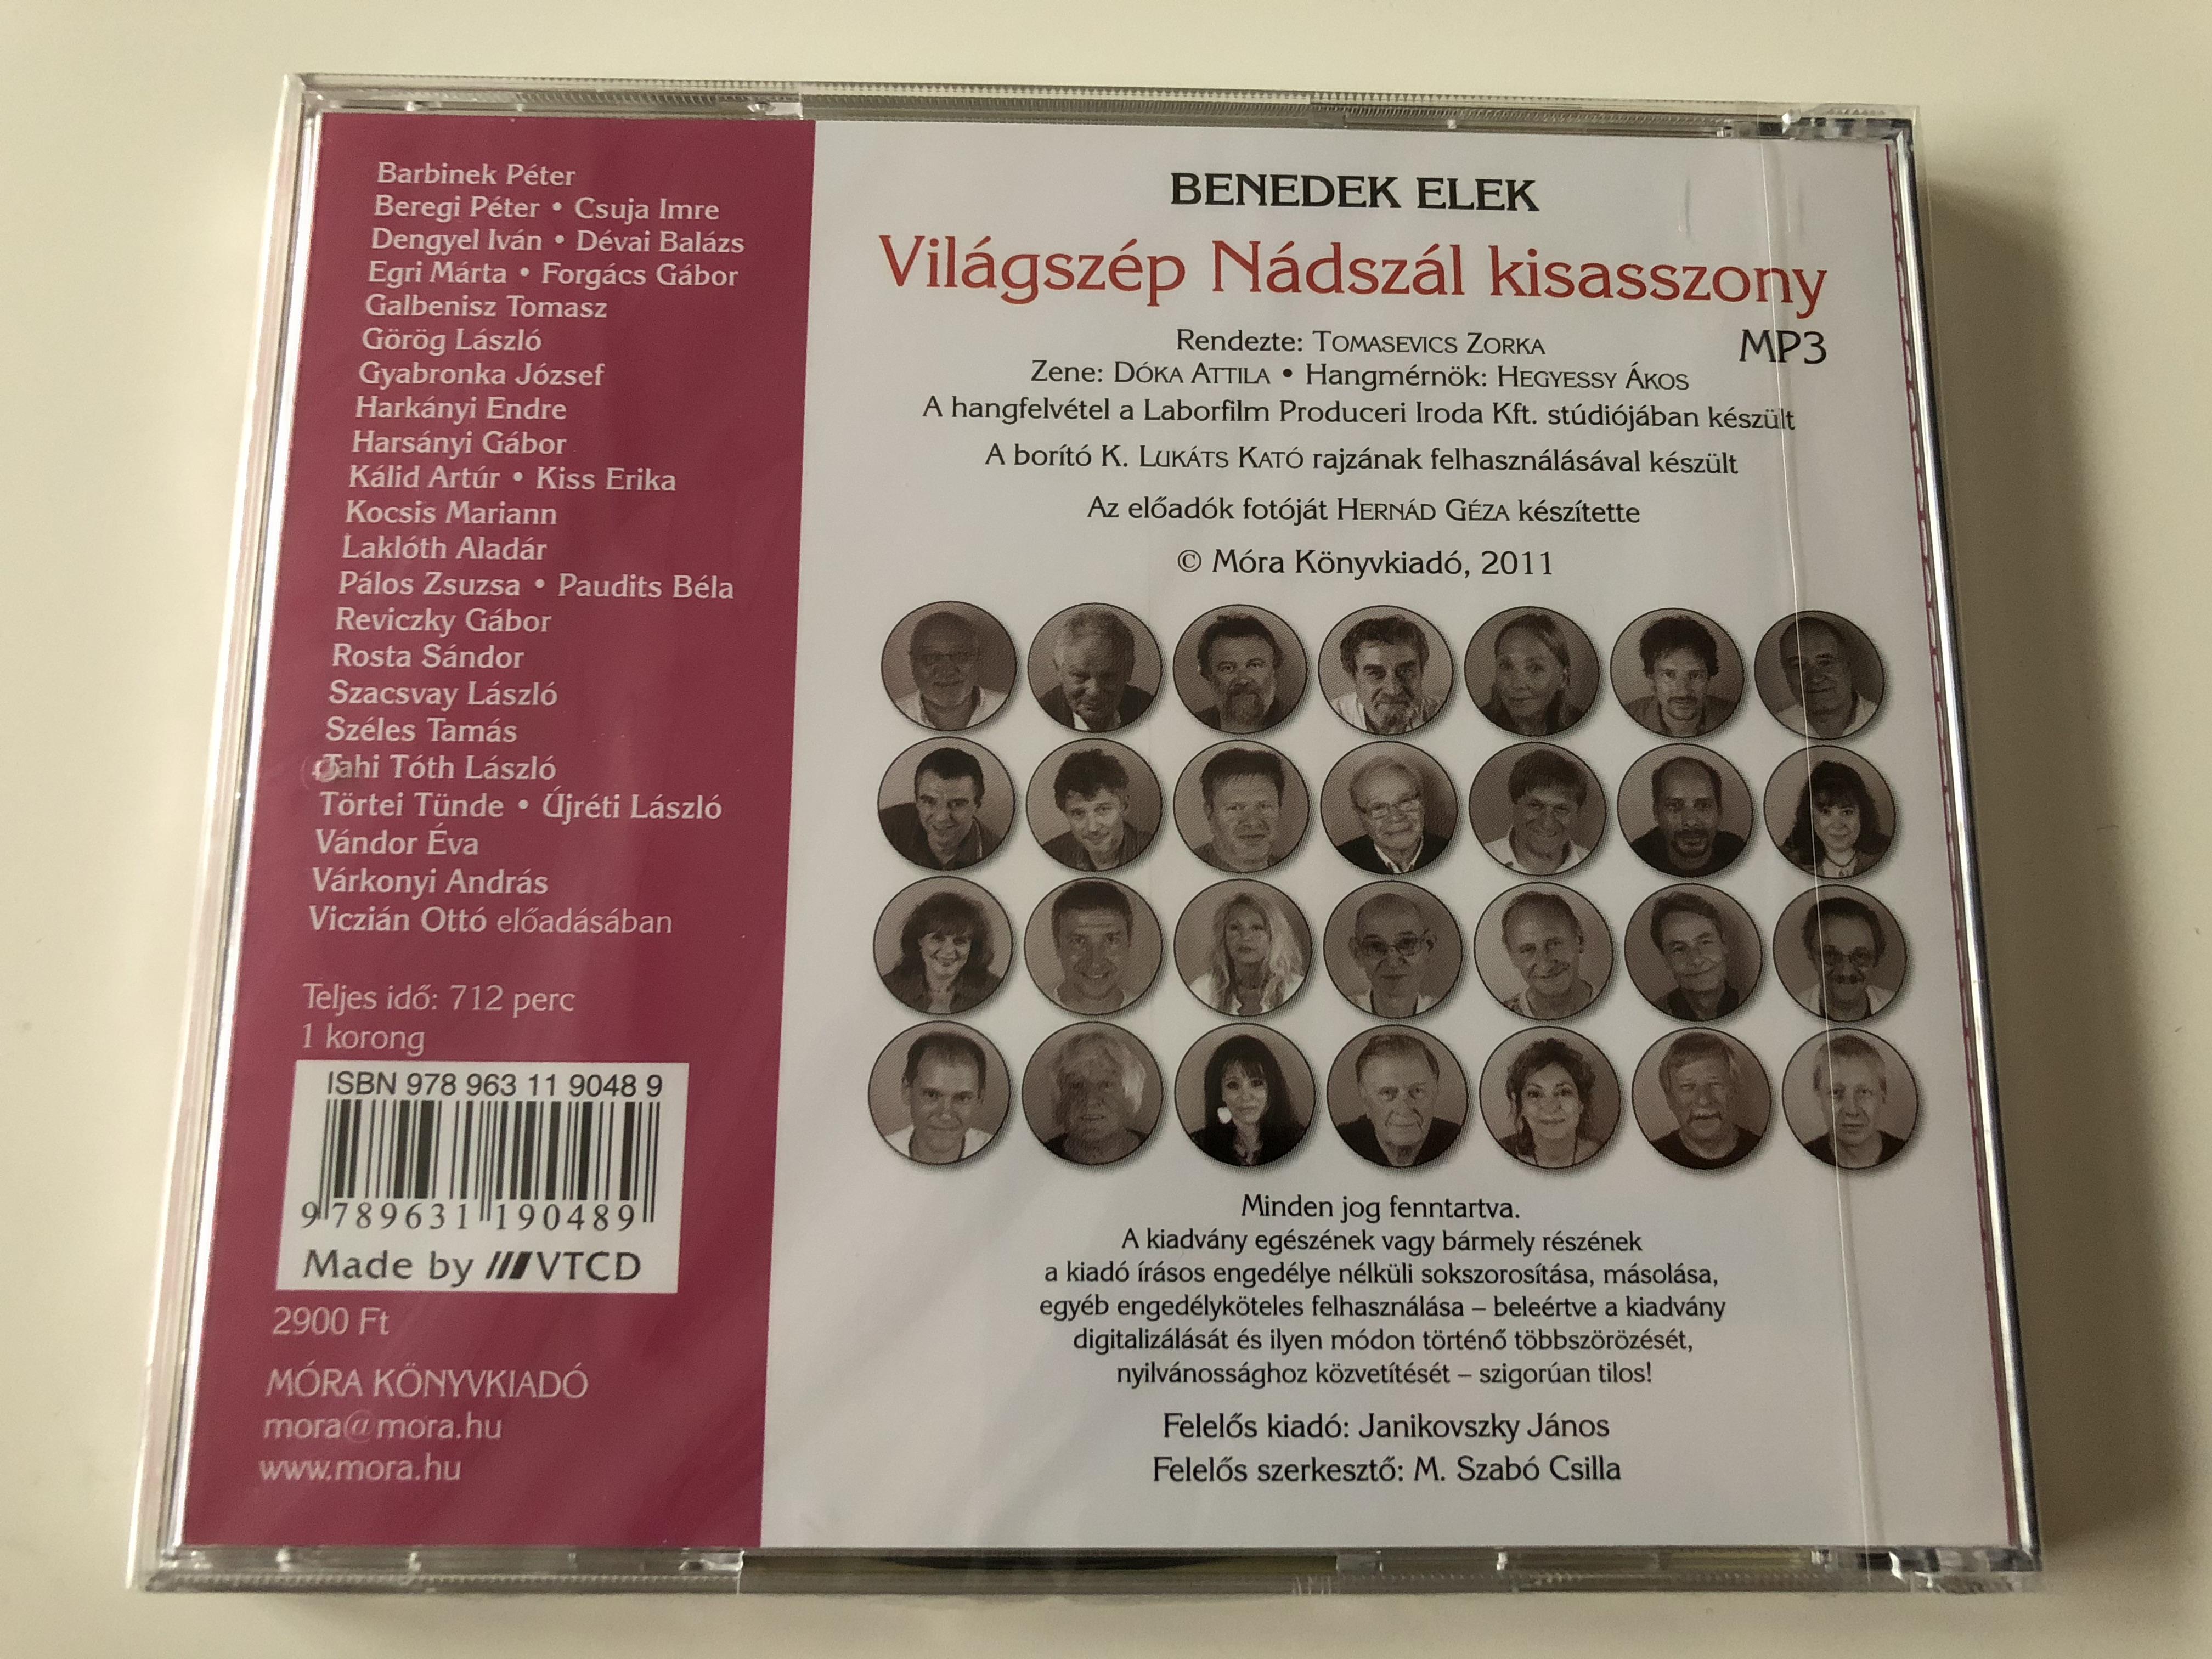 -vil-gsz-p-n-dsz-l-kisasszony-by-benedek-elek-hungarian-language-mp3-audio-book-read-by-barbine-p-ter-egri-m-rta-kocsis-mariann-rosta-s-ndor-jr-ti-l-szl-v-rkonyi-andr-s-m-ra-k-nyvkiad-3-.jpg